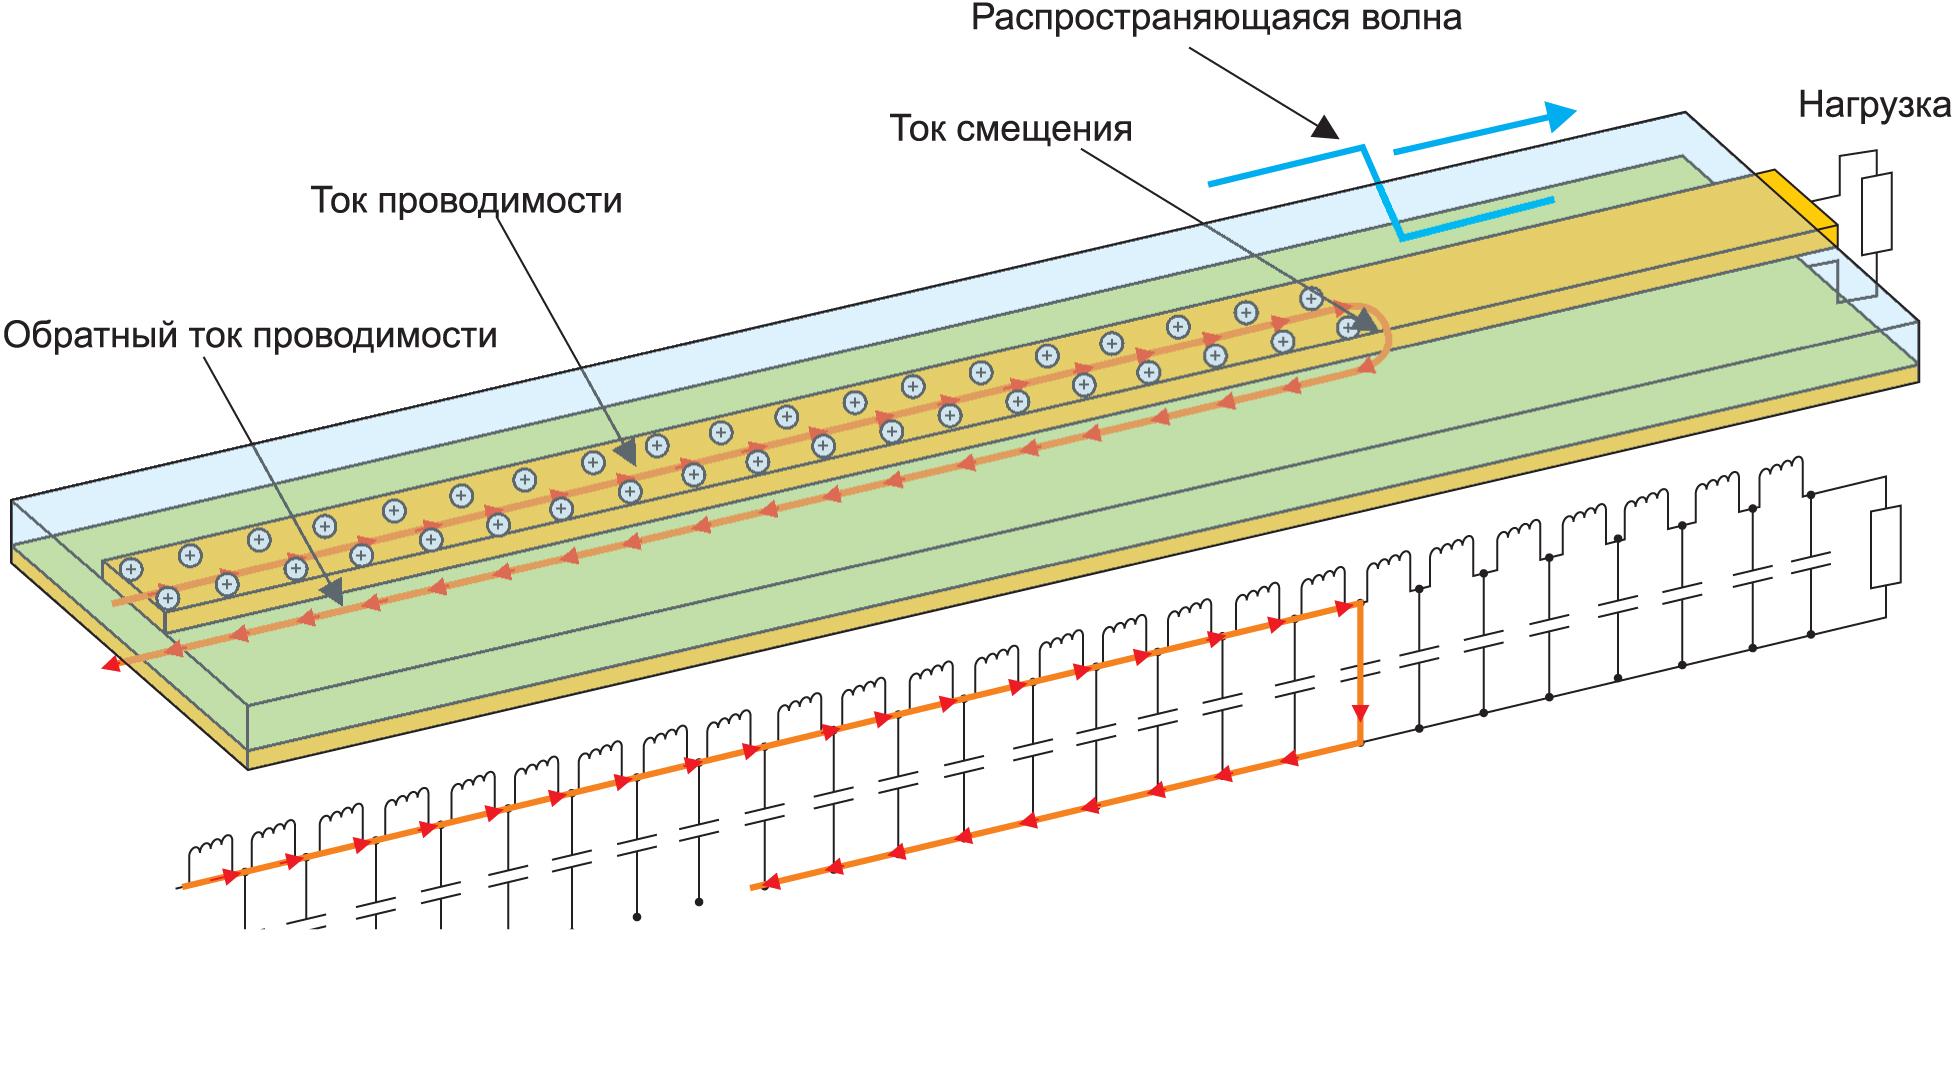 Пример распространения цифрового сигнала по микрополосковой линии